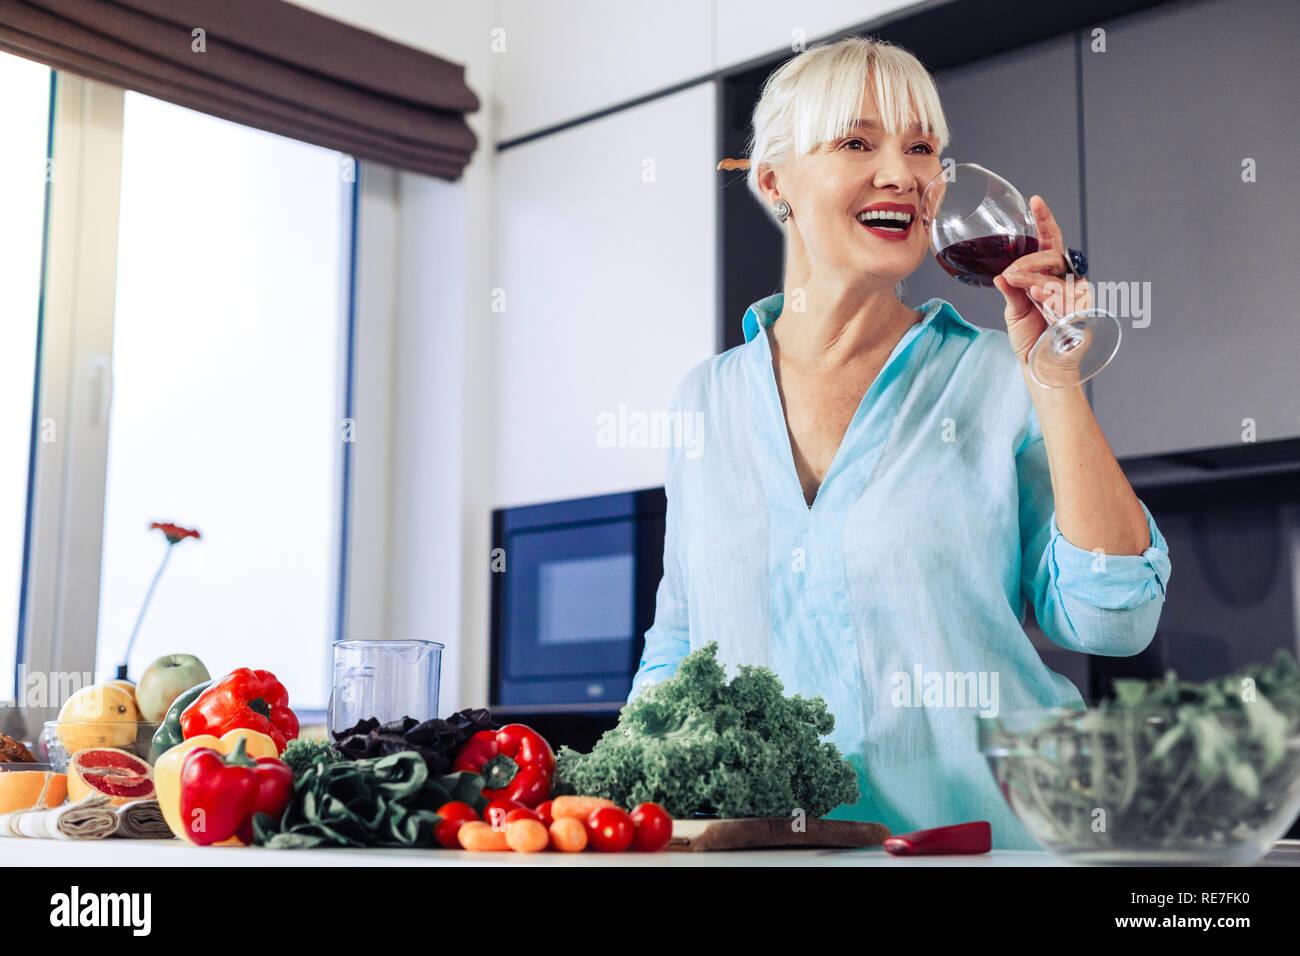 Belle femme heureuse d'être sur un régime alimentaire Photo Stock